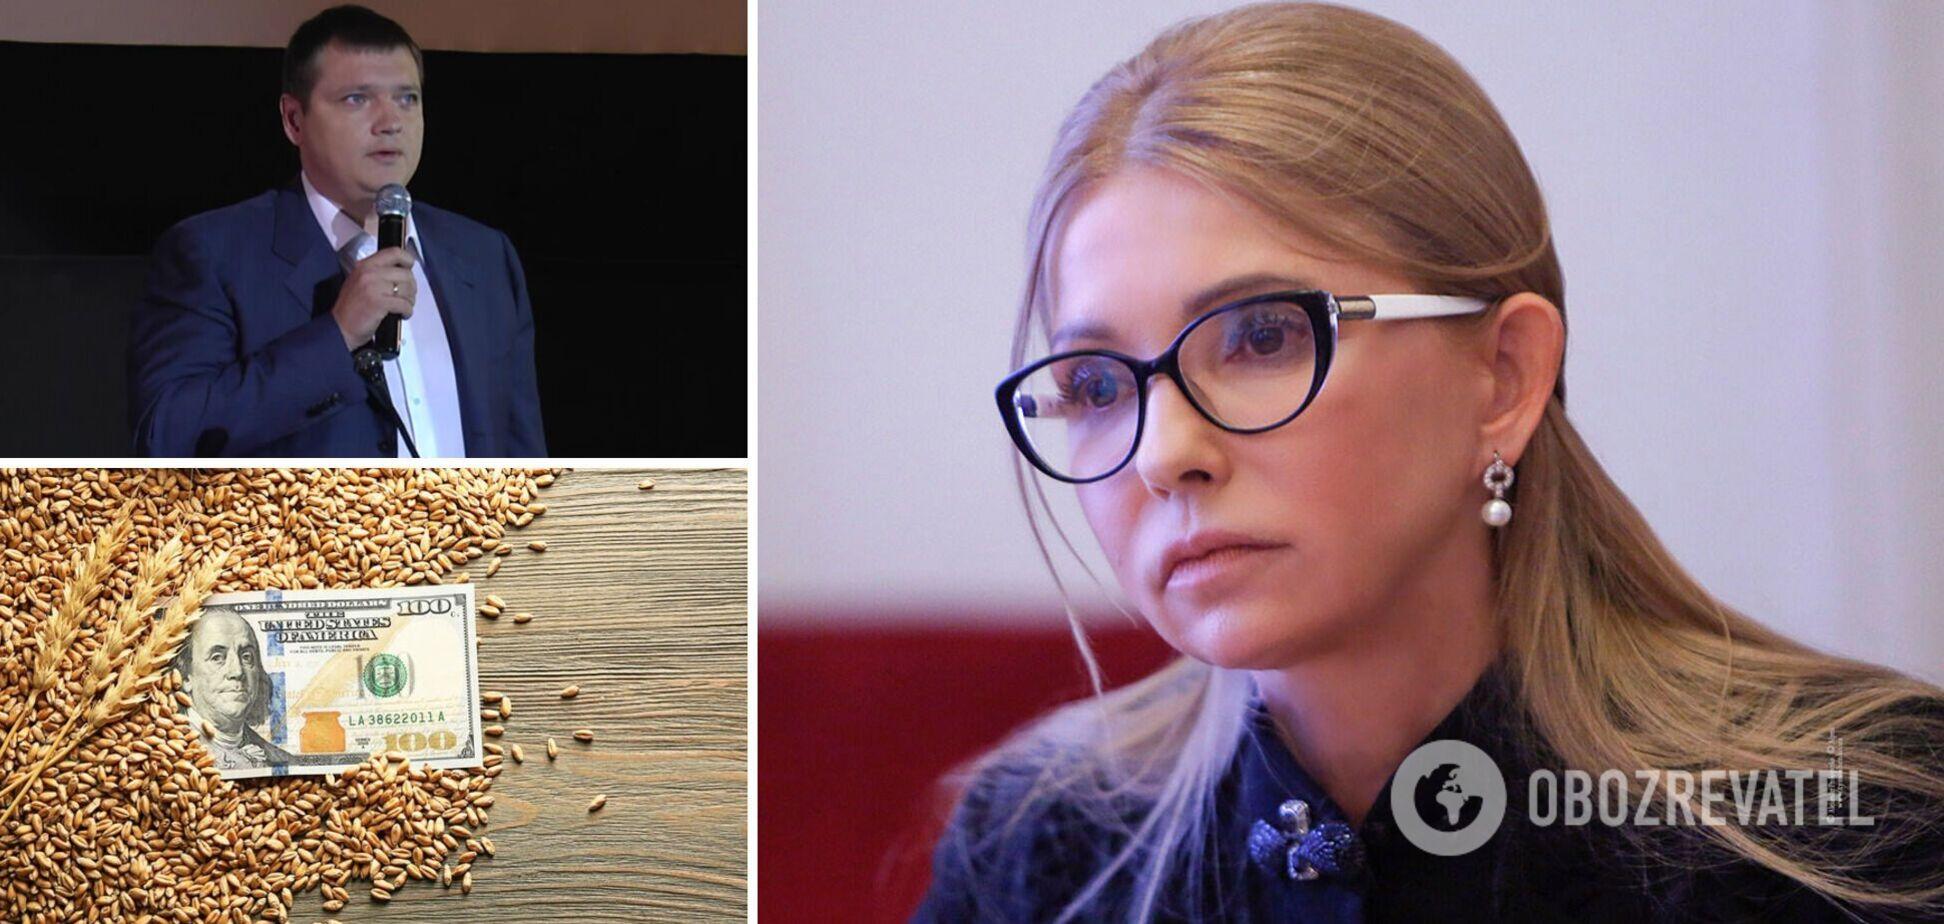 Скандал с топ-менеджером Тимошенко завершит ее цикл в украинской политике, – Лещенко